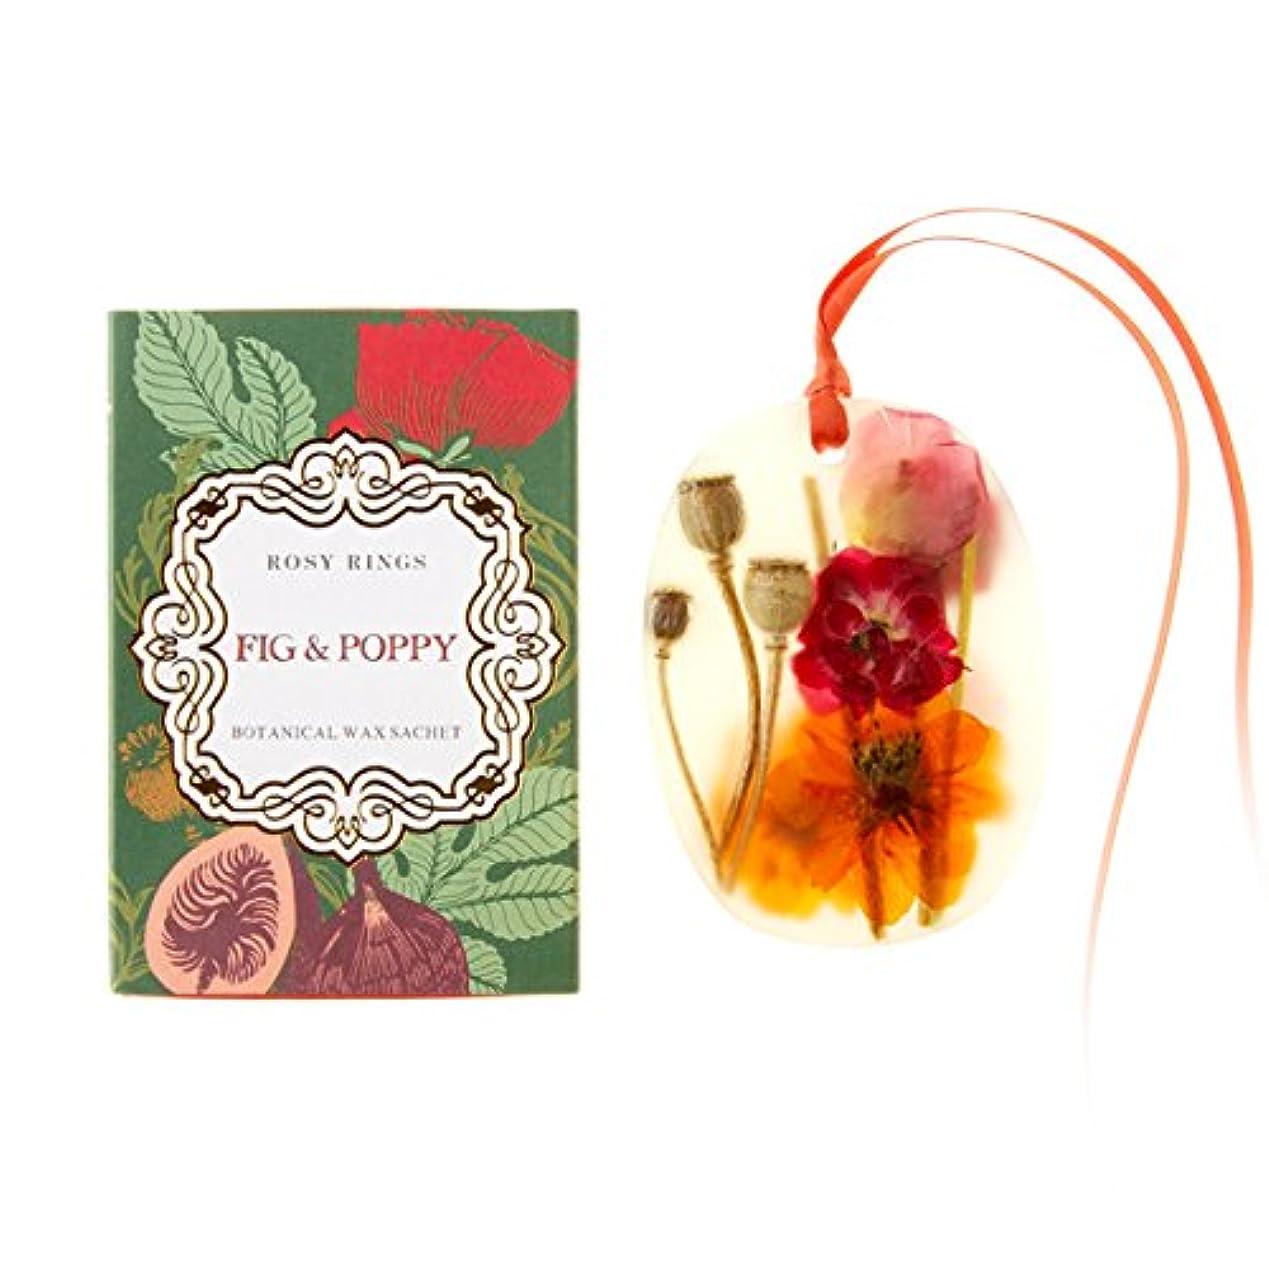 バイオリン吸収剤複合ロージーリングス プティボタニカルサシェ フィグ&ポピー ROSY RINGS Petite Oval Botanical Wax Sachet Fig & Poppy